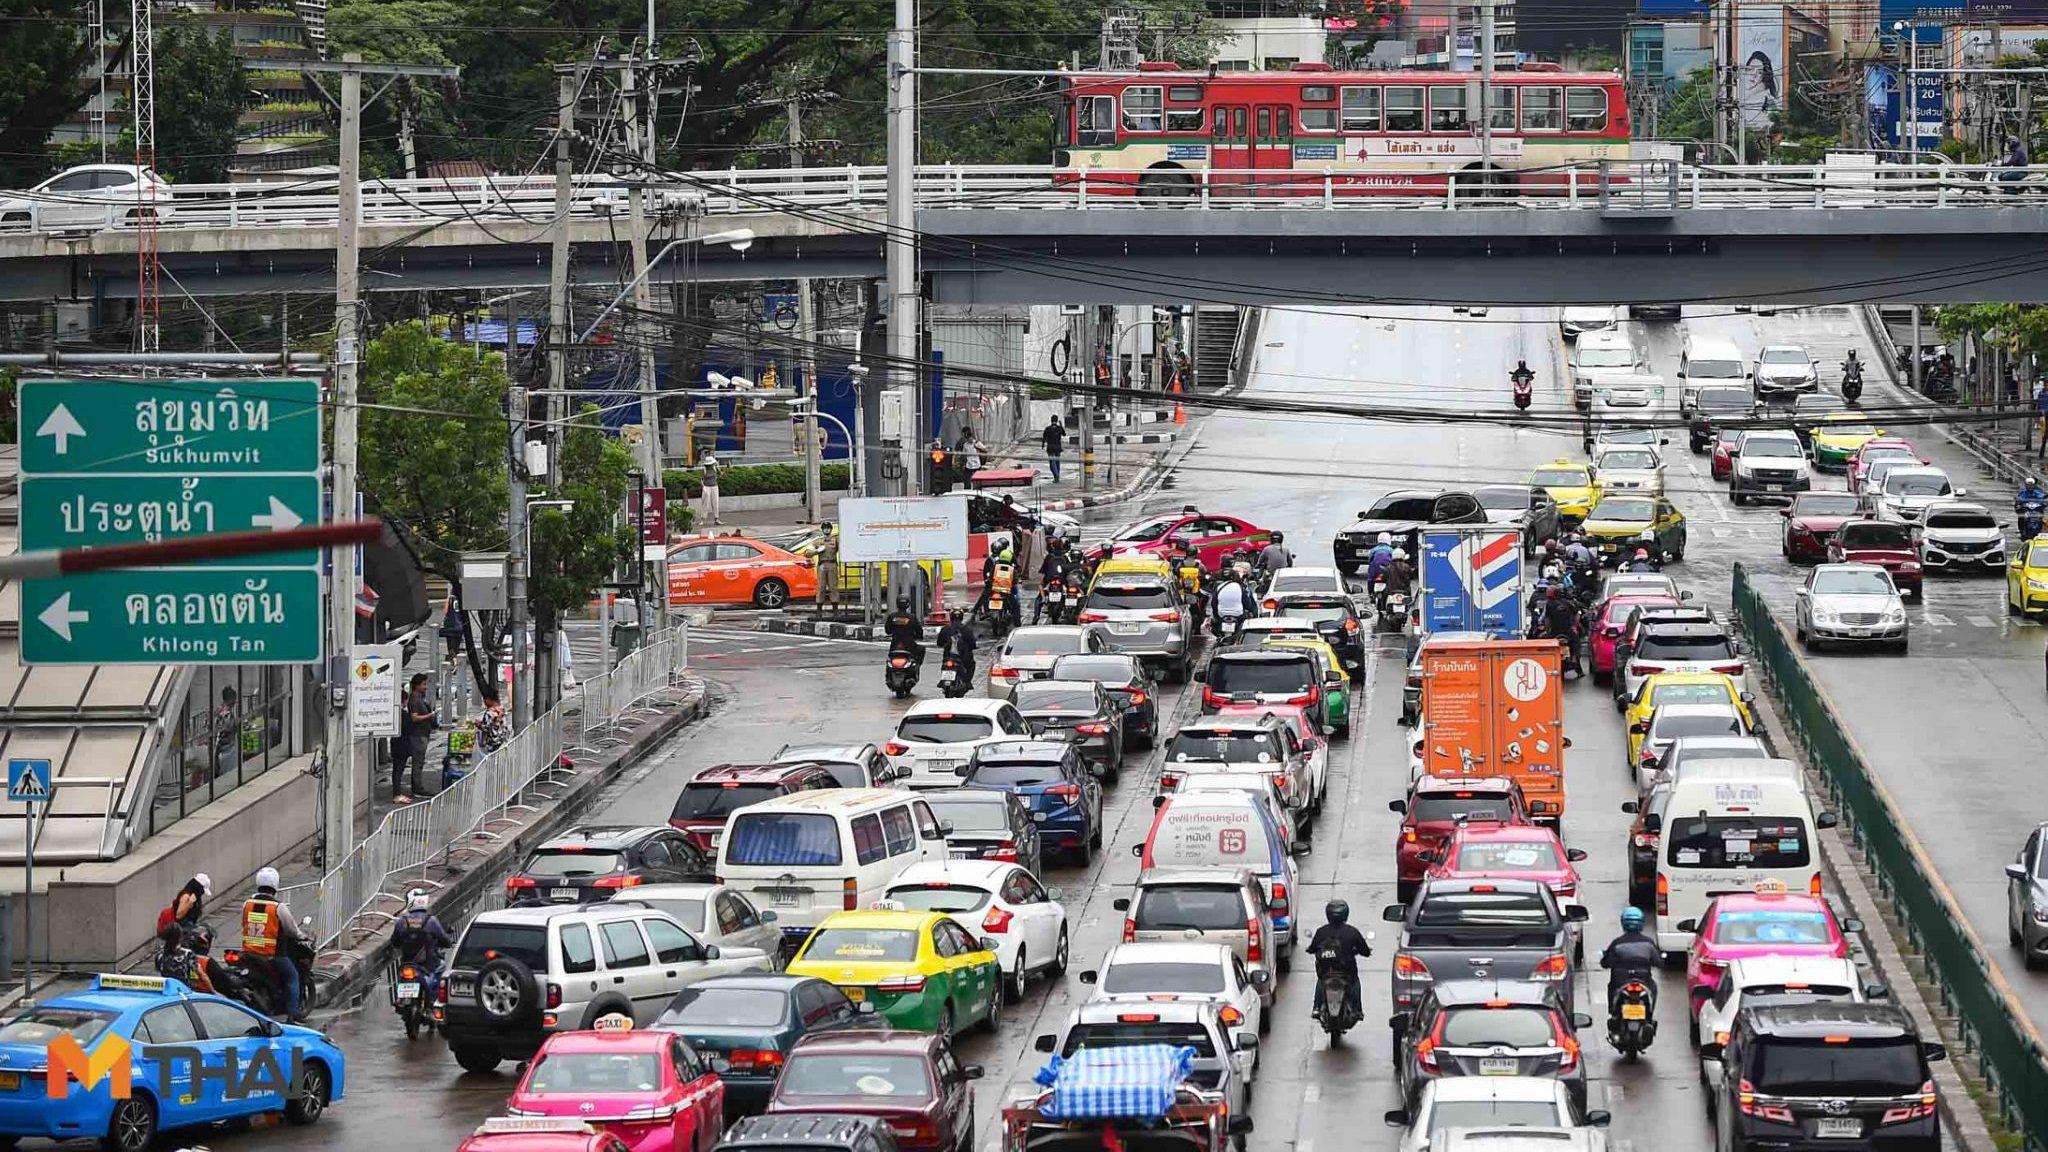 แนะเส้นทางเลี่ยงรถติดในช่วง 'ประชุมอาเซียน' 31 ต.ค.-4พ.ย.นี้